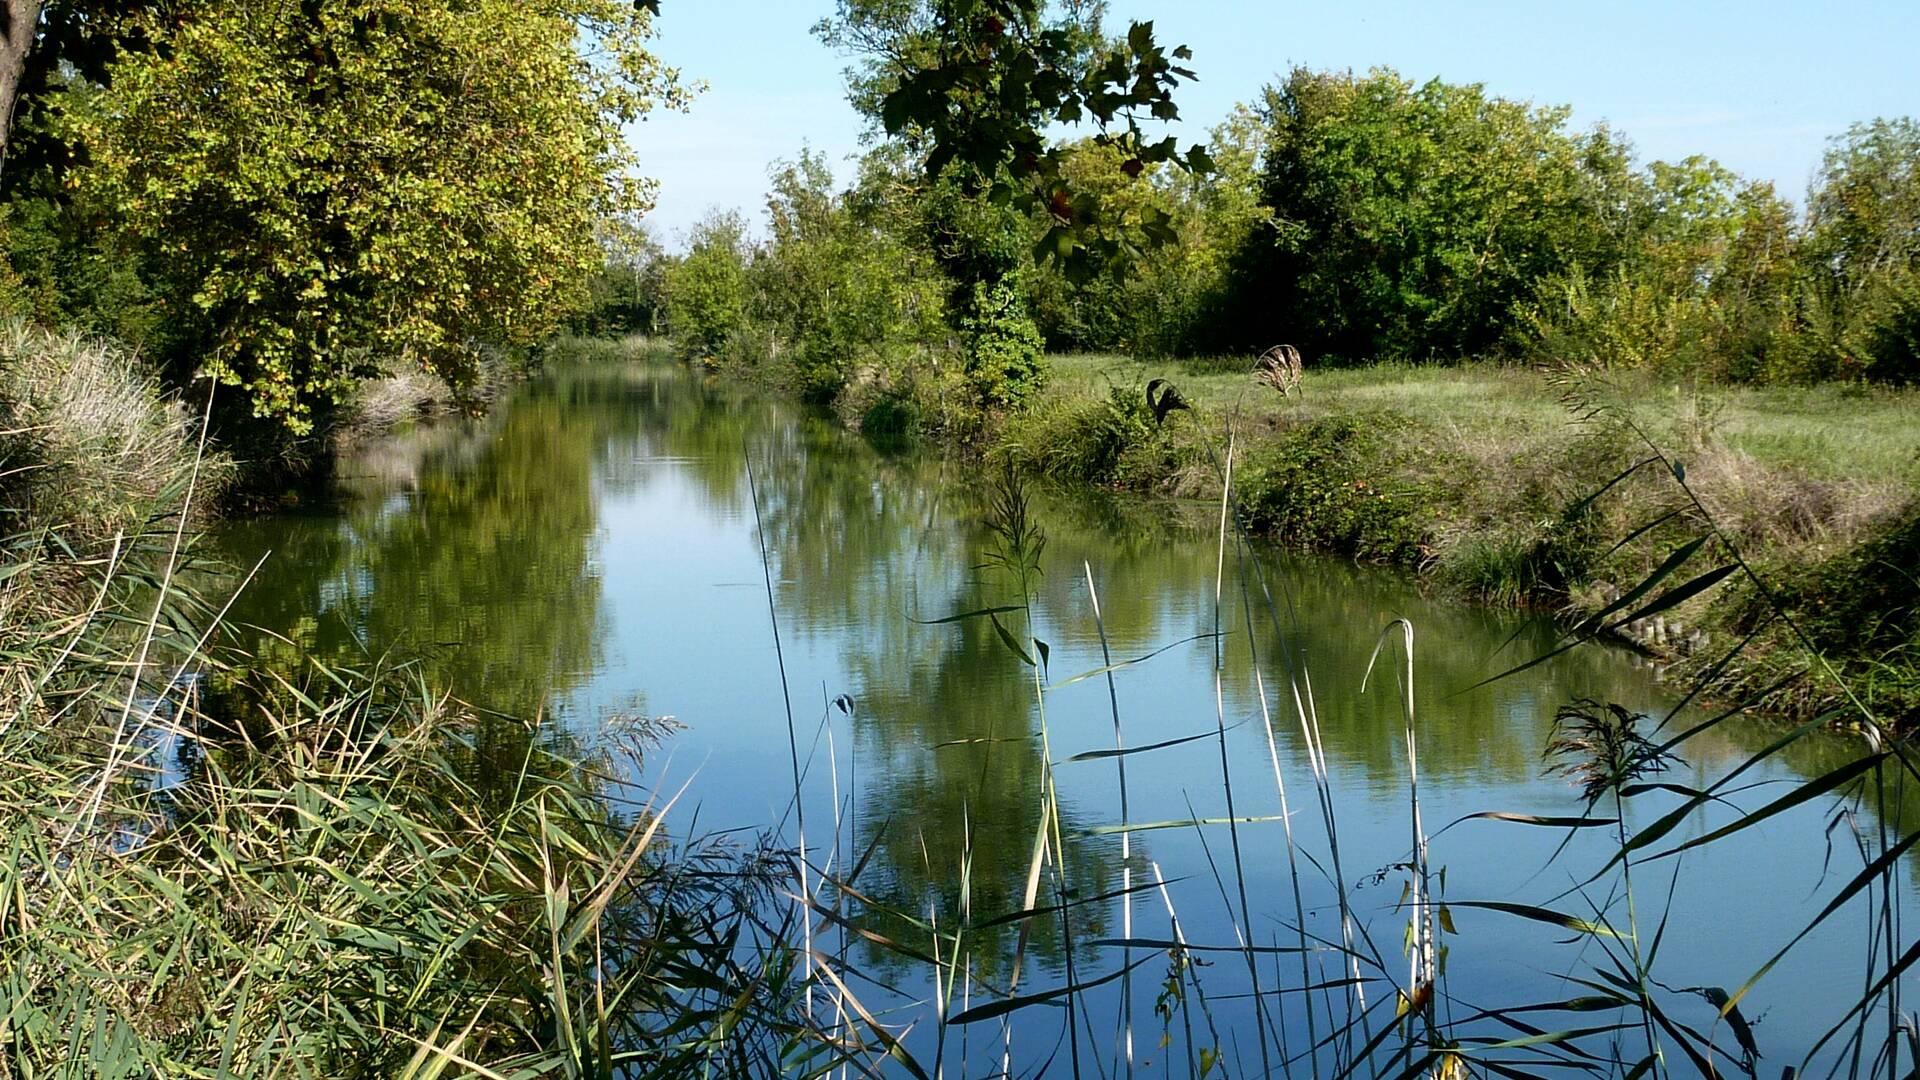 rochefort-ocean-peche-eau-douce-canal-de-Charras © Fédération départementale pour la pêche et la protection du milieu aquatique